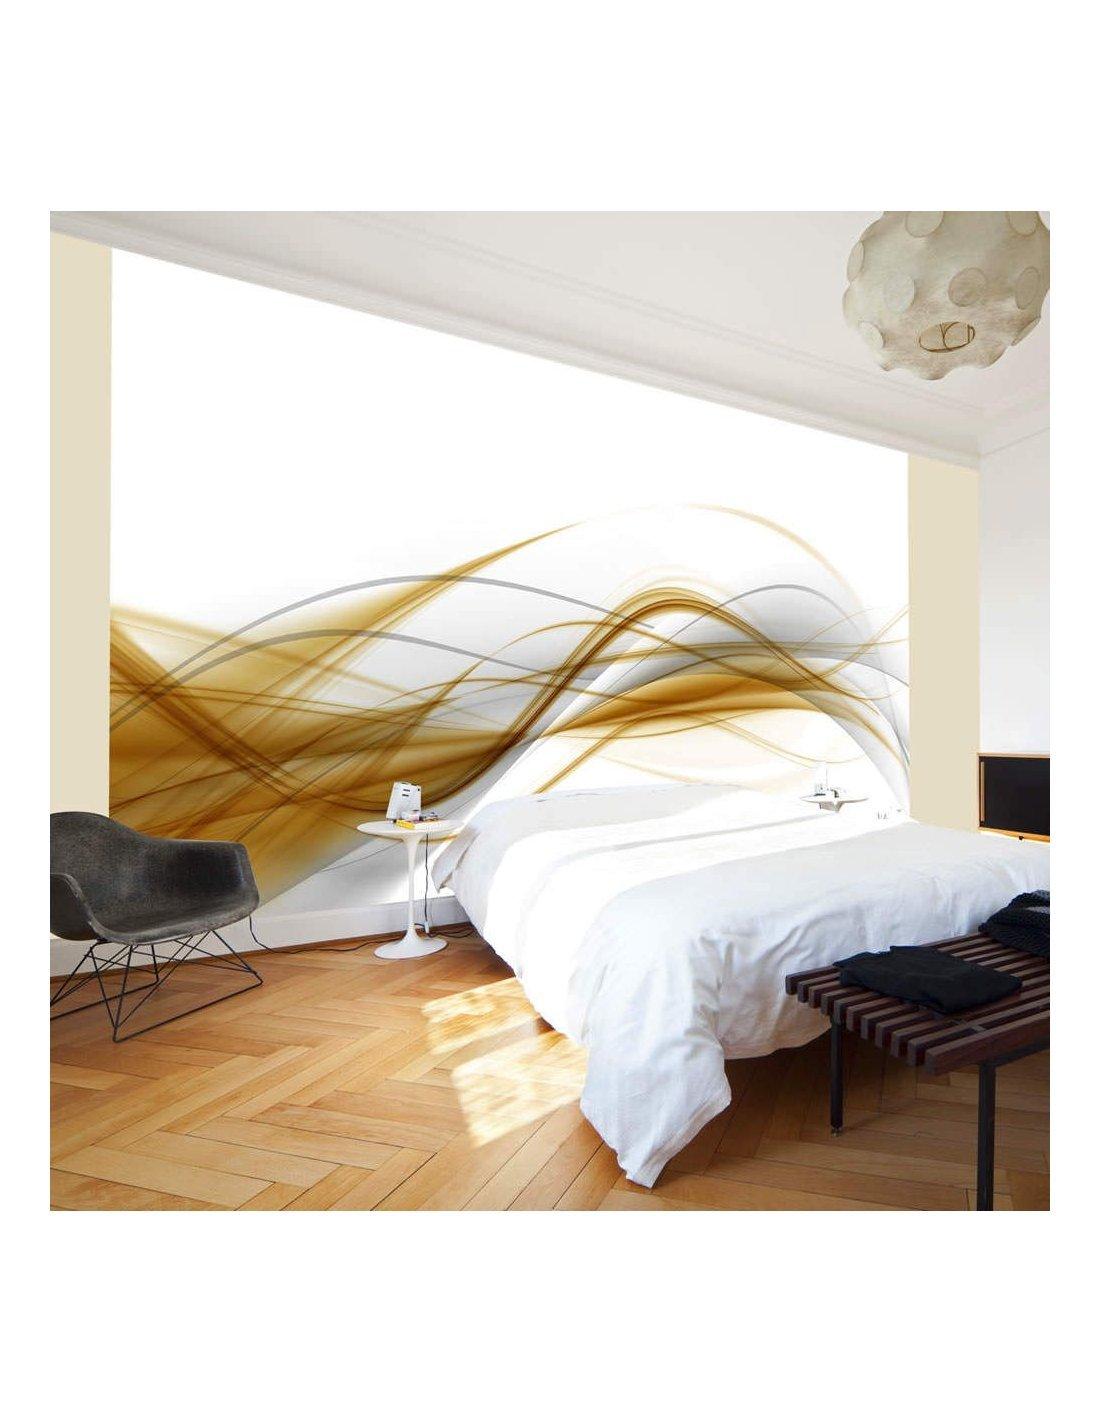 papier peint motif abstrait digital art 89 90 chez recollection. Black Bedroom Furniture Sets. Home Design Ideas